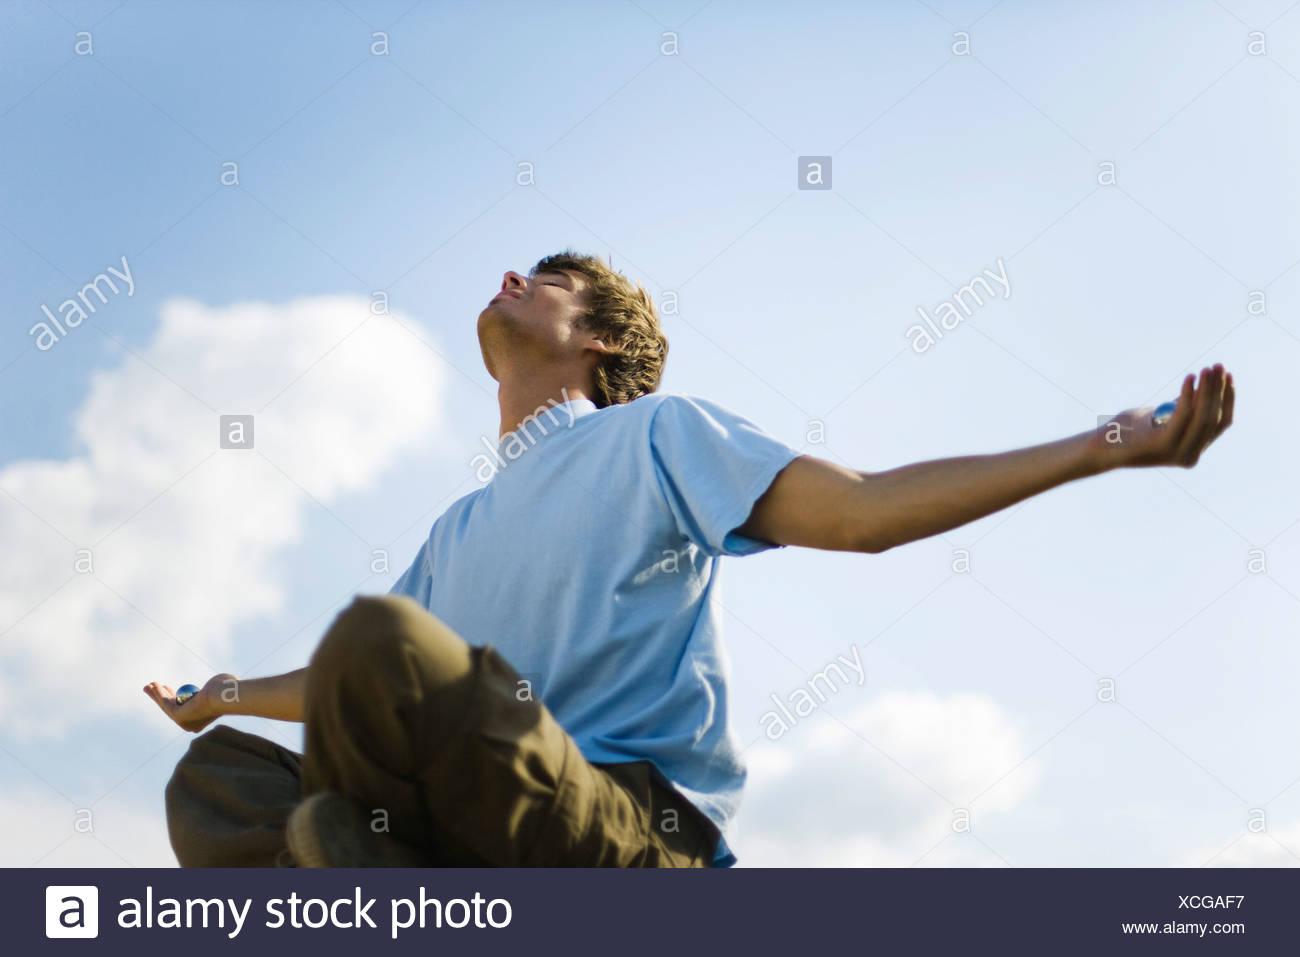 Jeune homme méditant à l'extérieur, holding Yin Yang balls Photo Stock